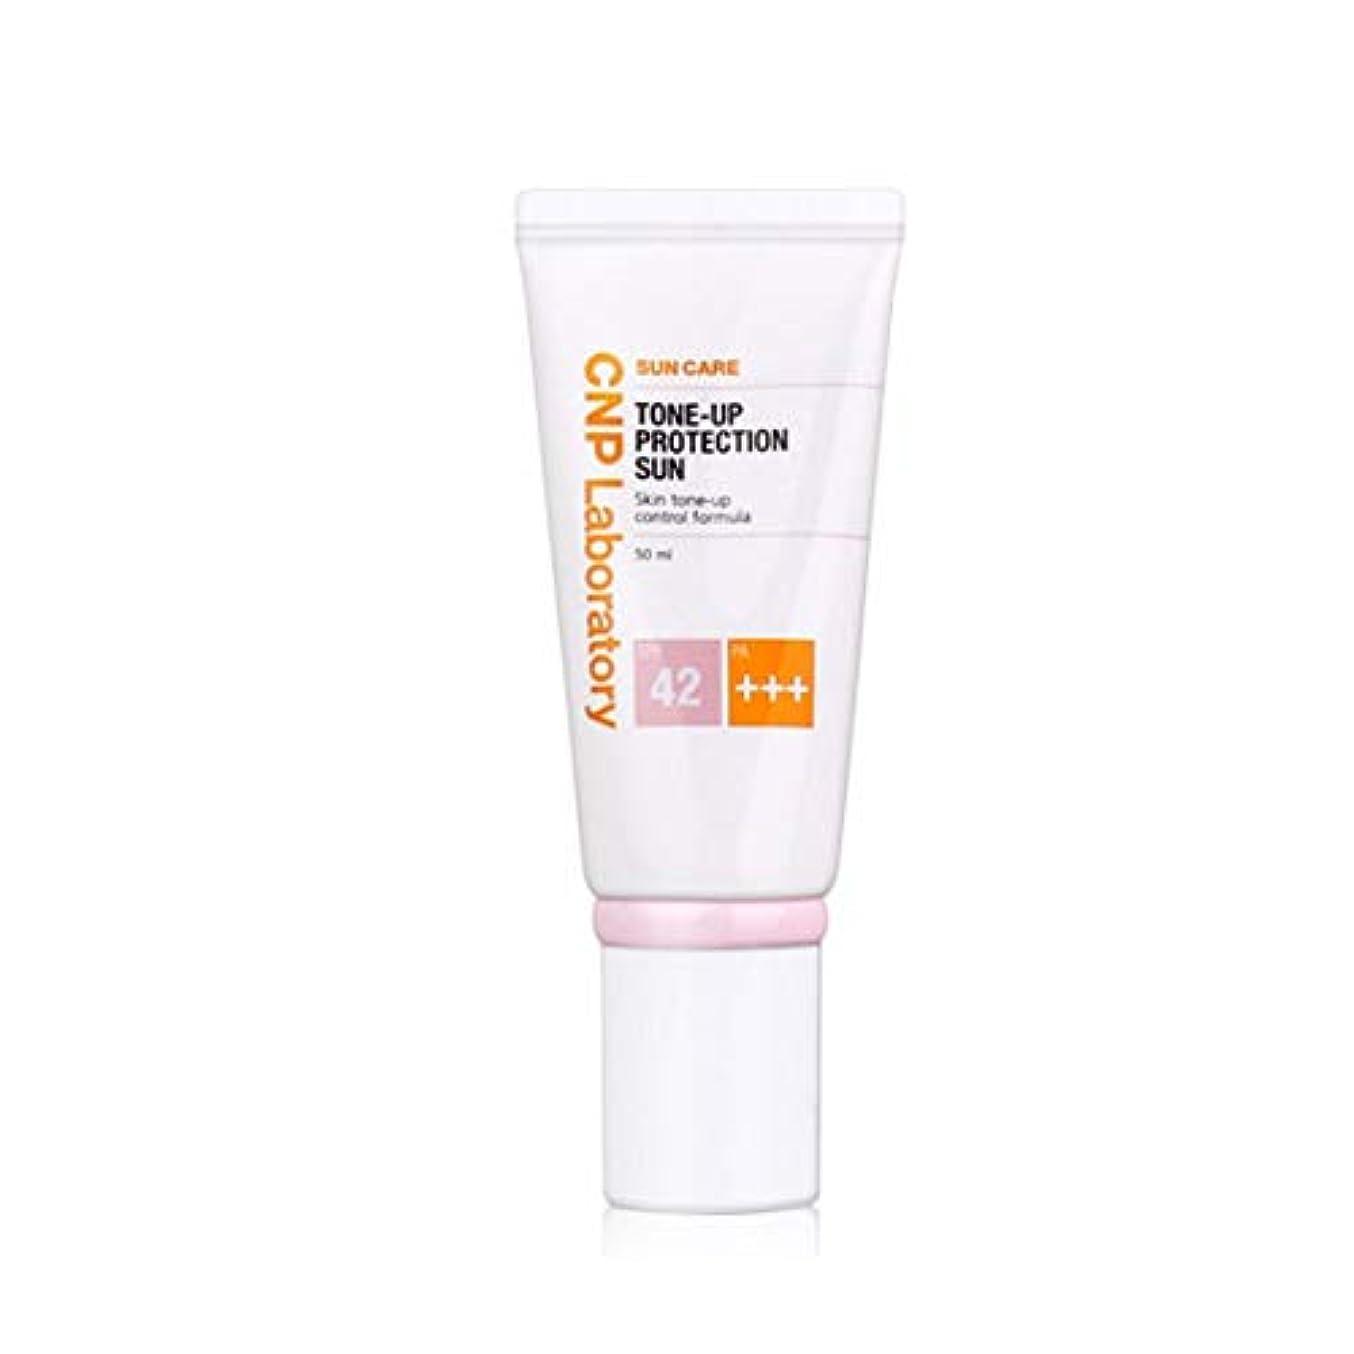 責任ウェイターインデックスCNPトンオププロテクションサン?クリーム紫外線遮断剤 (SPF42 / PA+++) 50ml、CNP Tone-up Protection Sun Cream (SPF42 / PA+++) 50ml [並行輸入品]